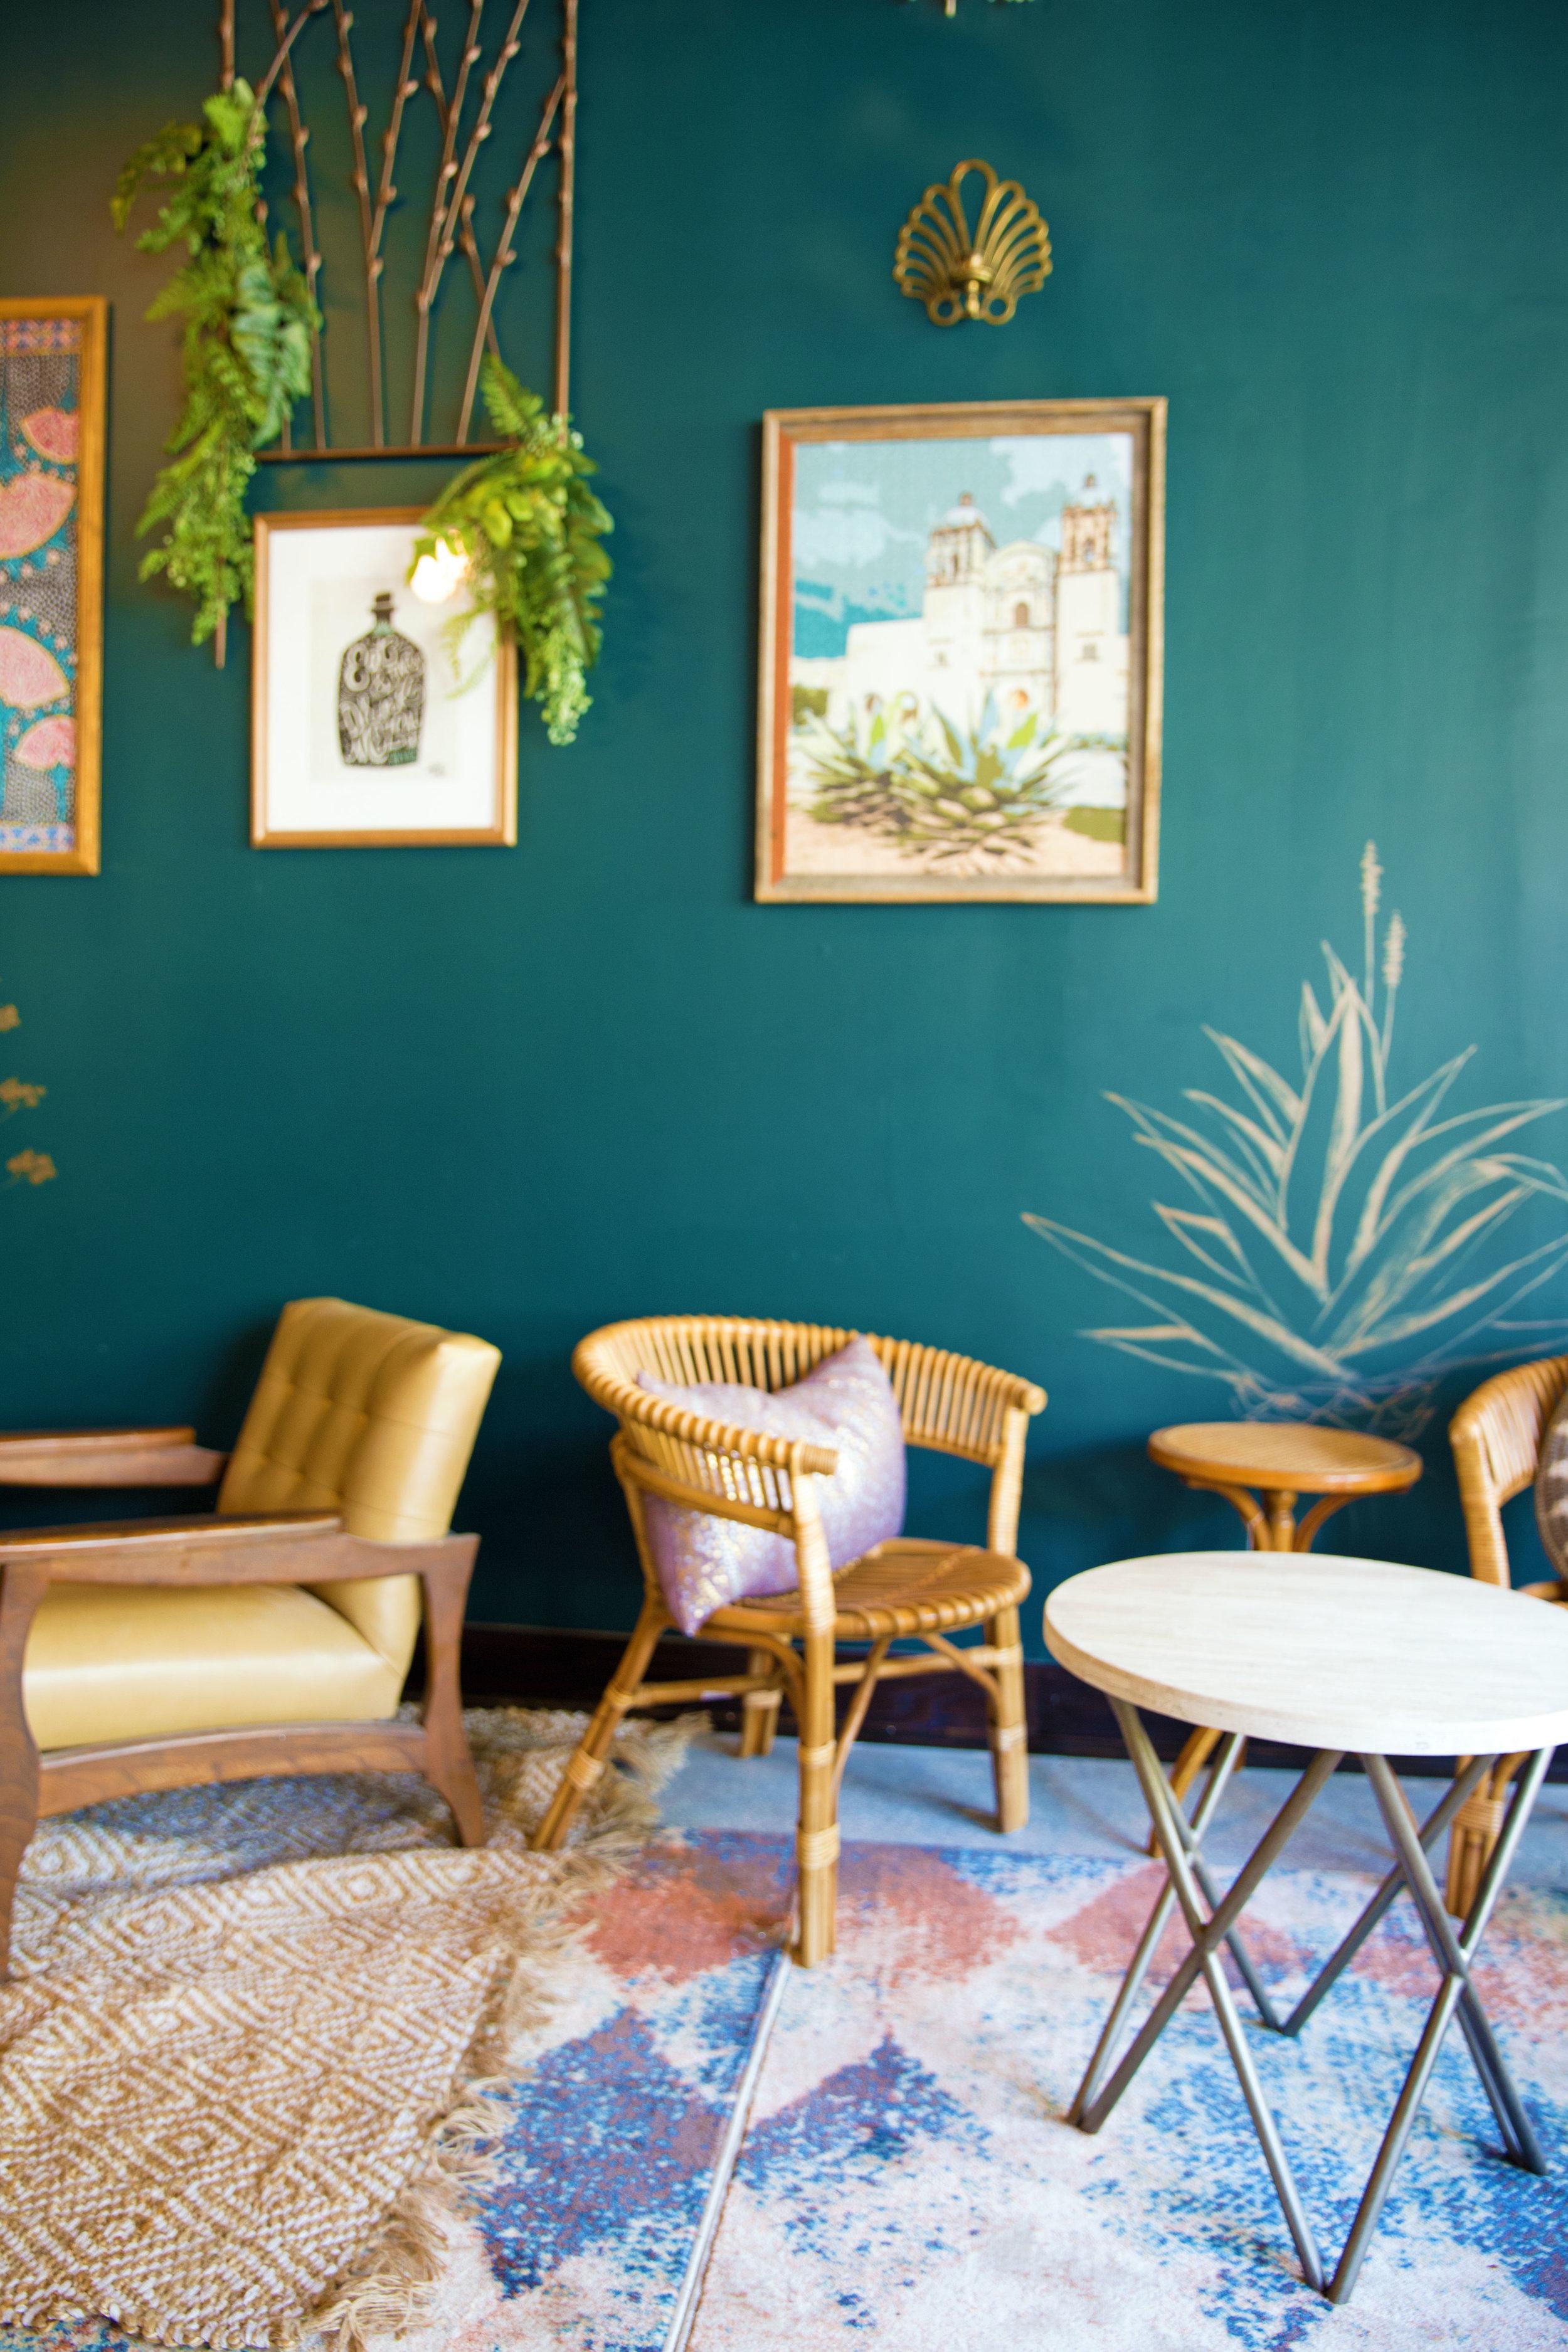 Reyes Mezcaleria Interior Sitting Room